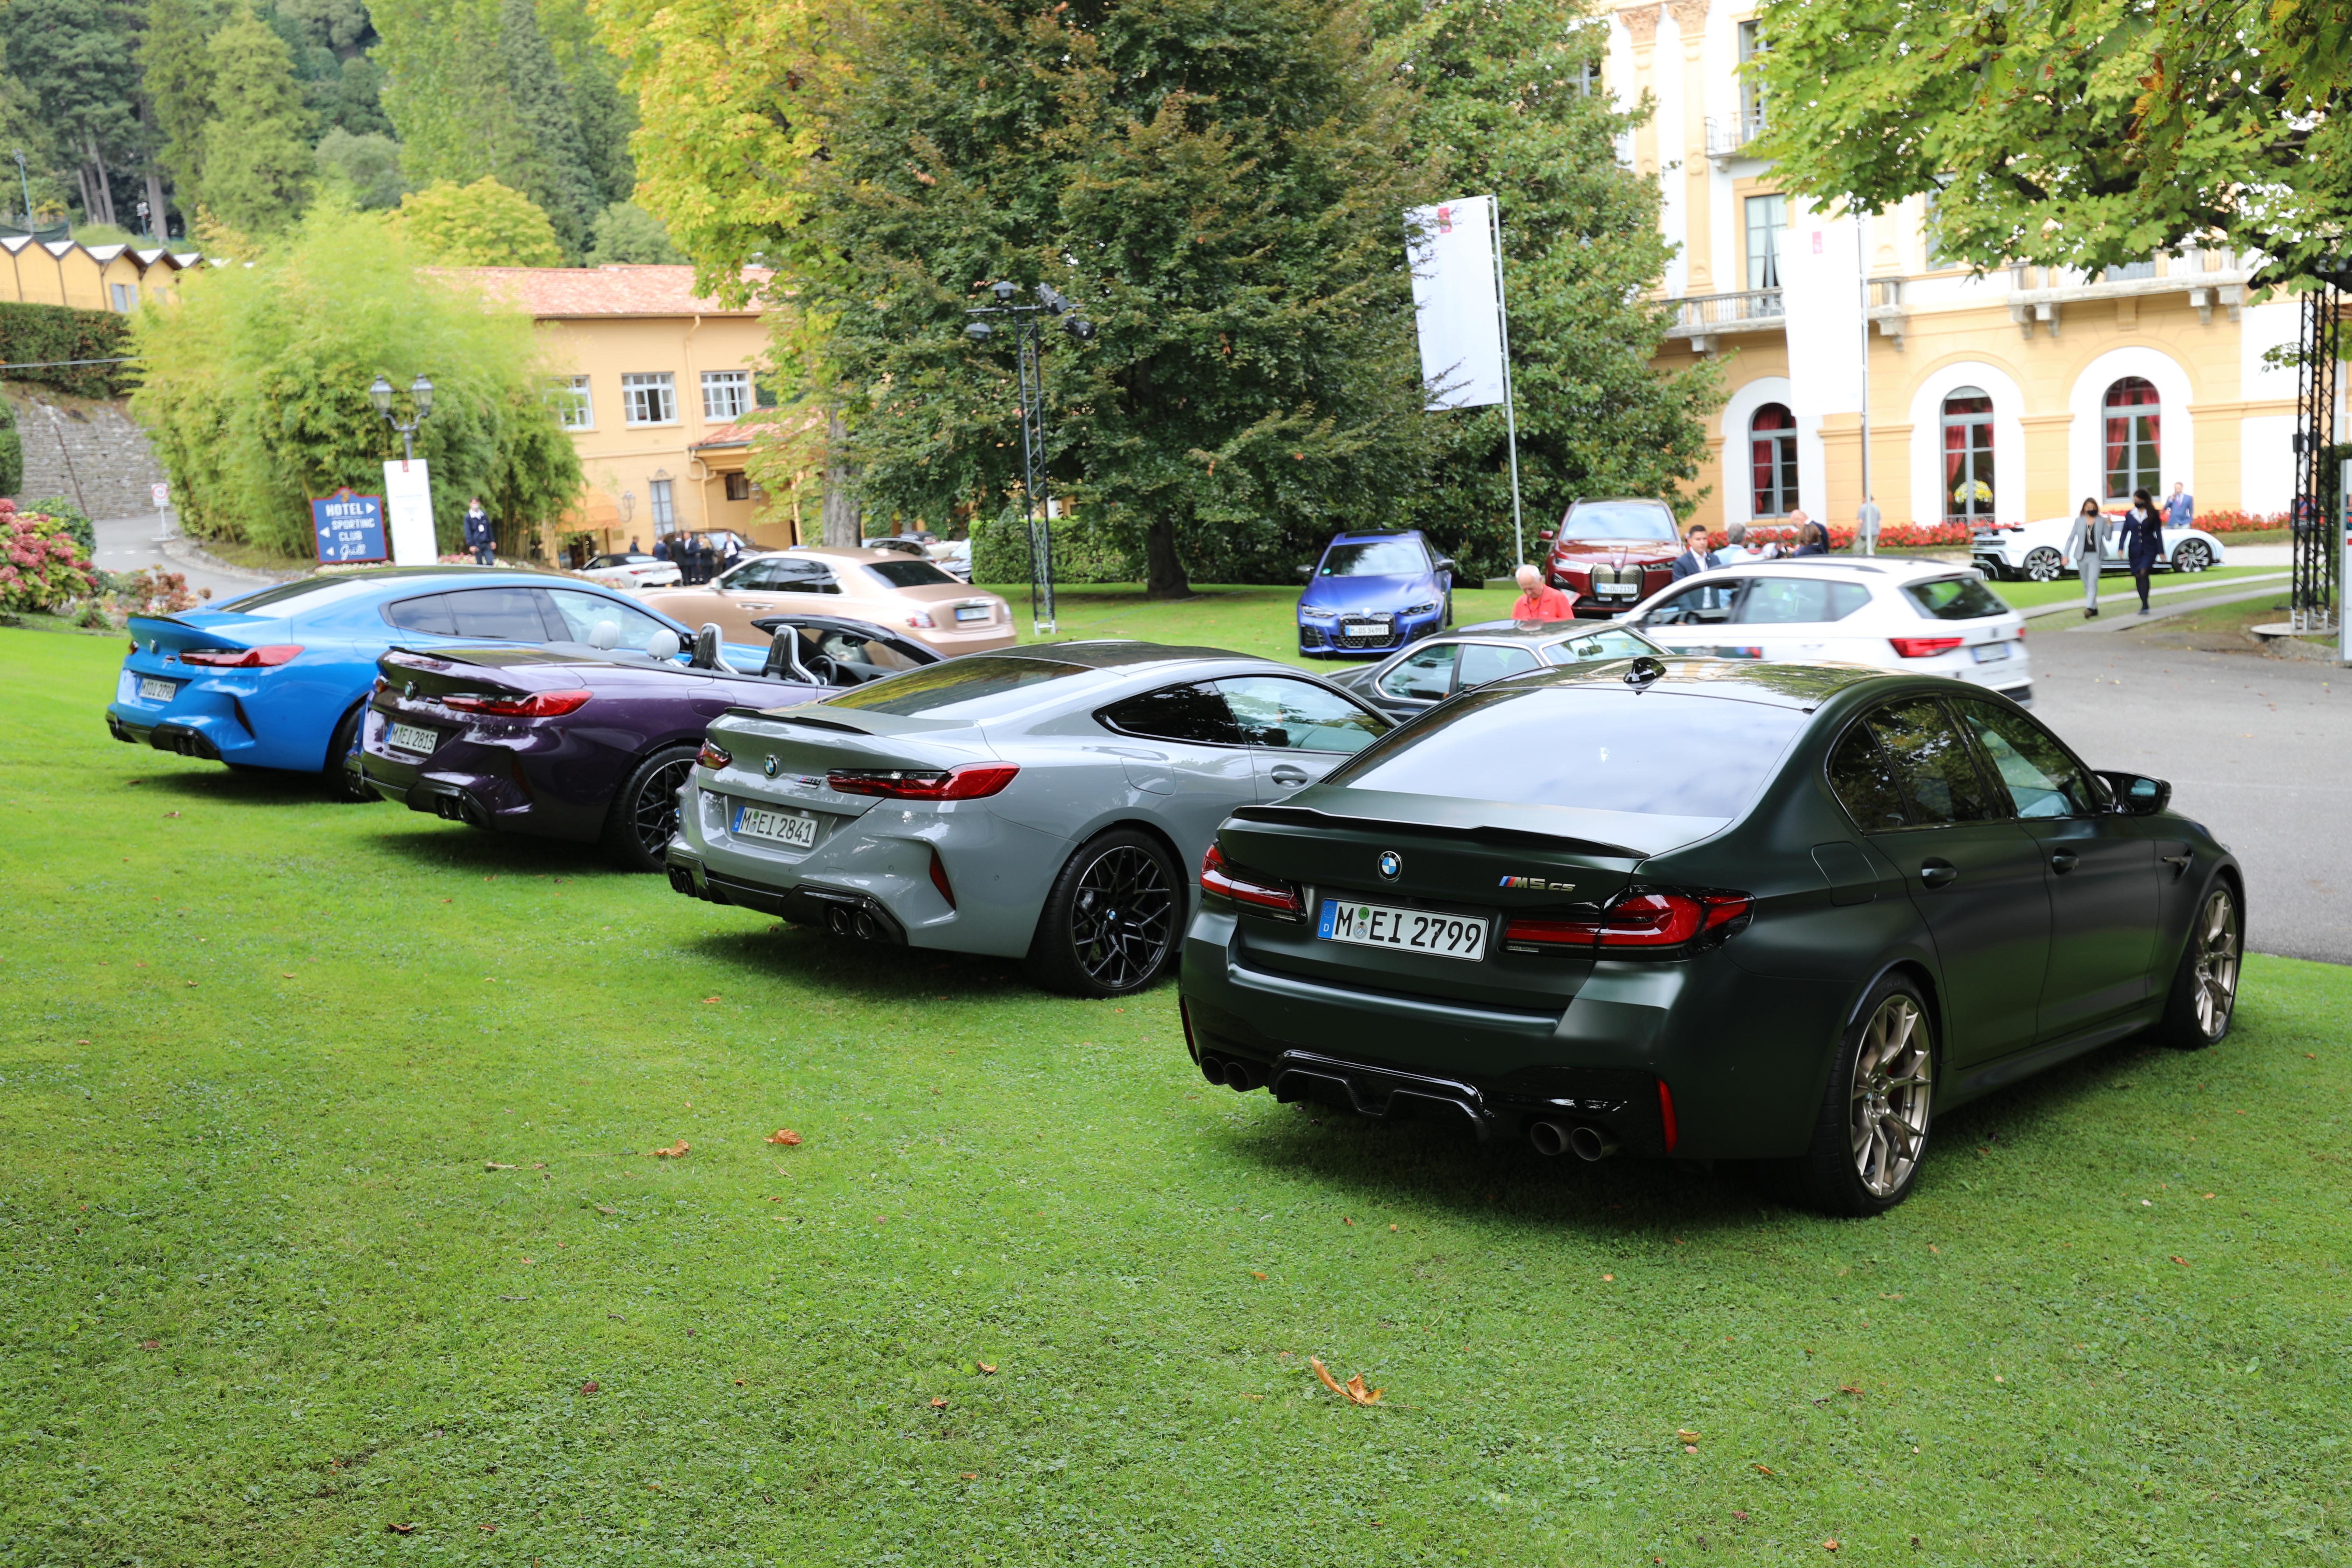 BMW stilte ut flere av sine heftigste modeller på Villa D'Este